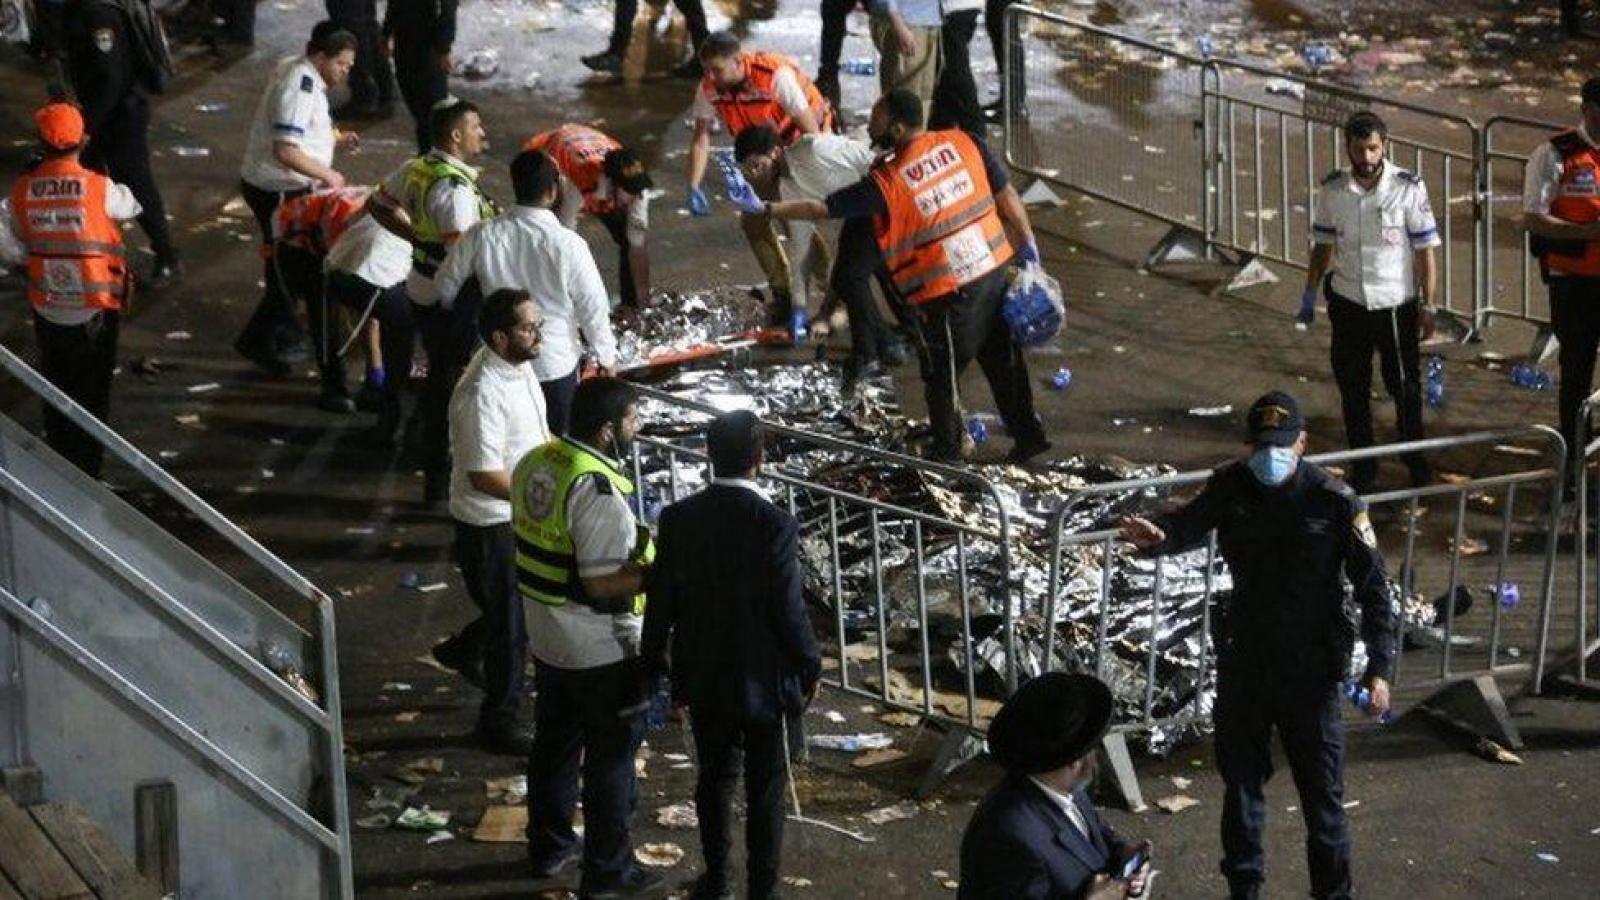 Giẫm đạp tại lễ hội tôn giáo ở Israel, ít nhất 38 người thiệt mạng